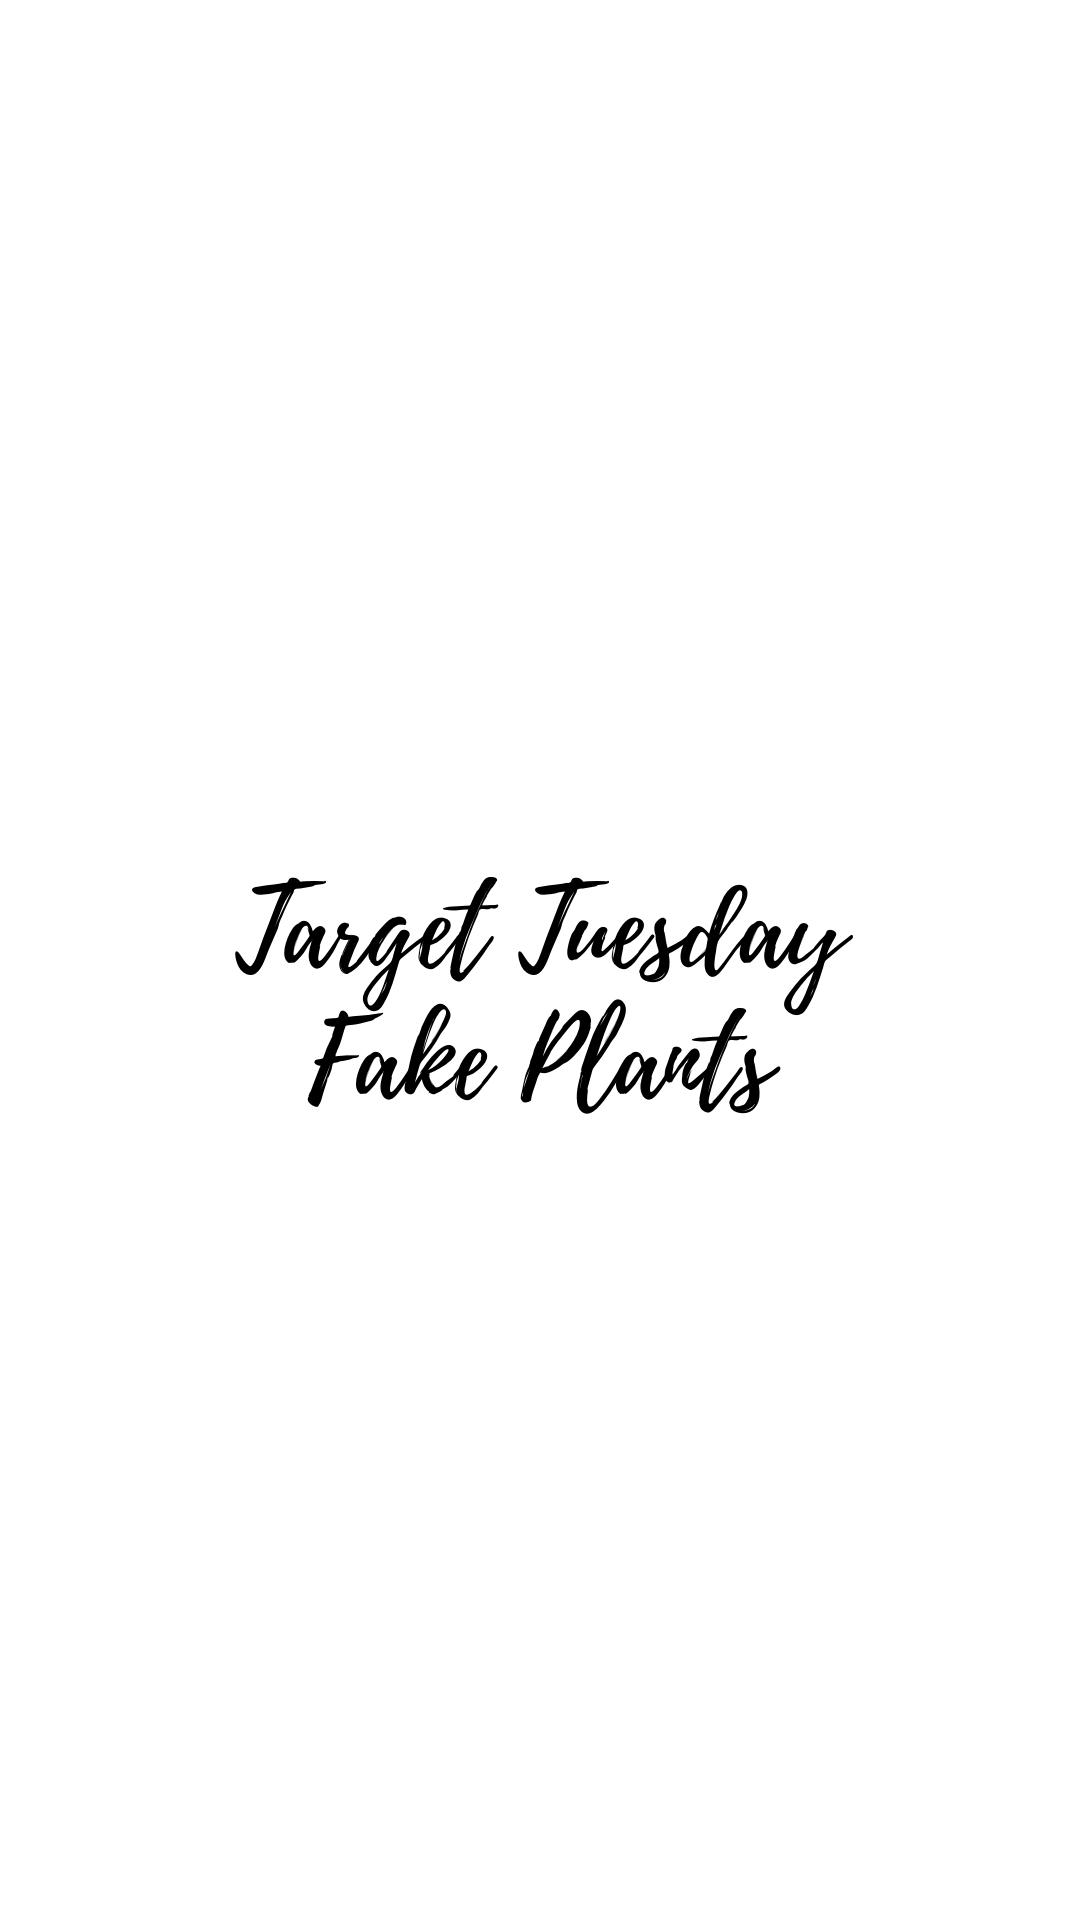 sarah bowmar target tuesday fake plants